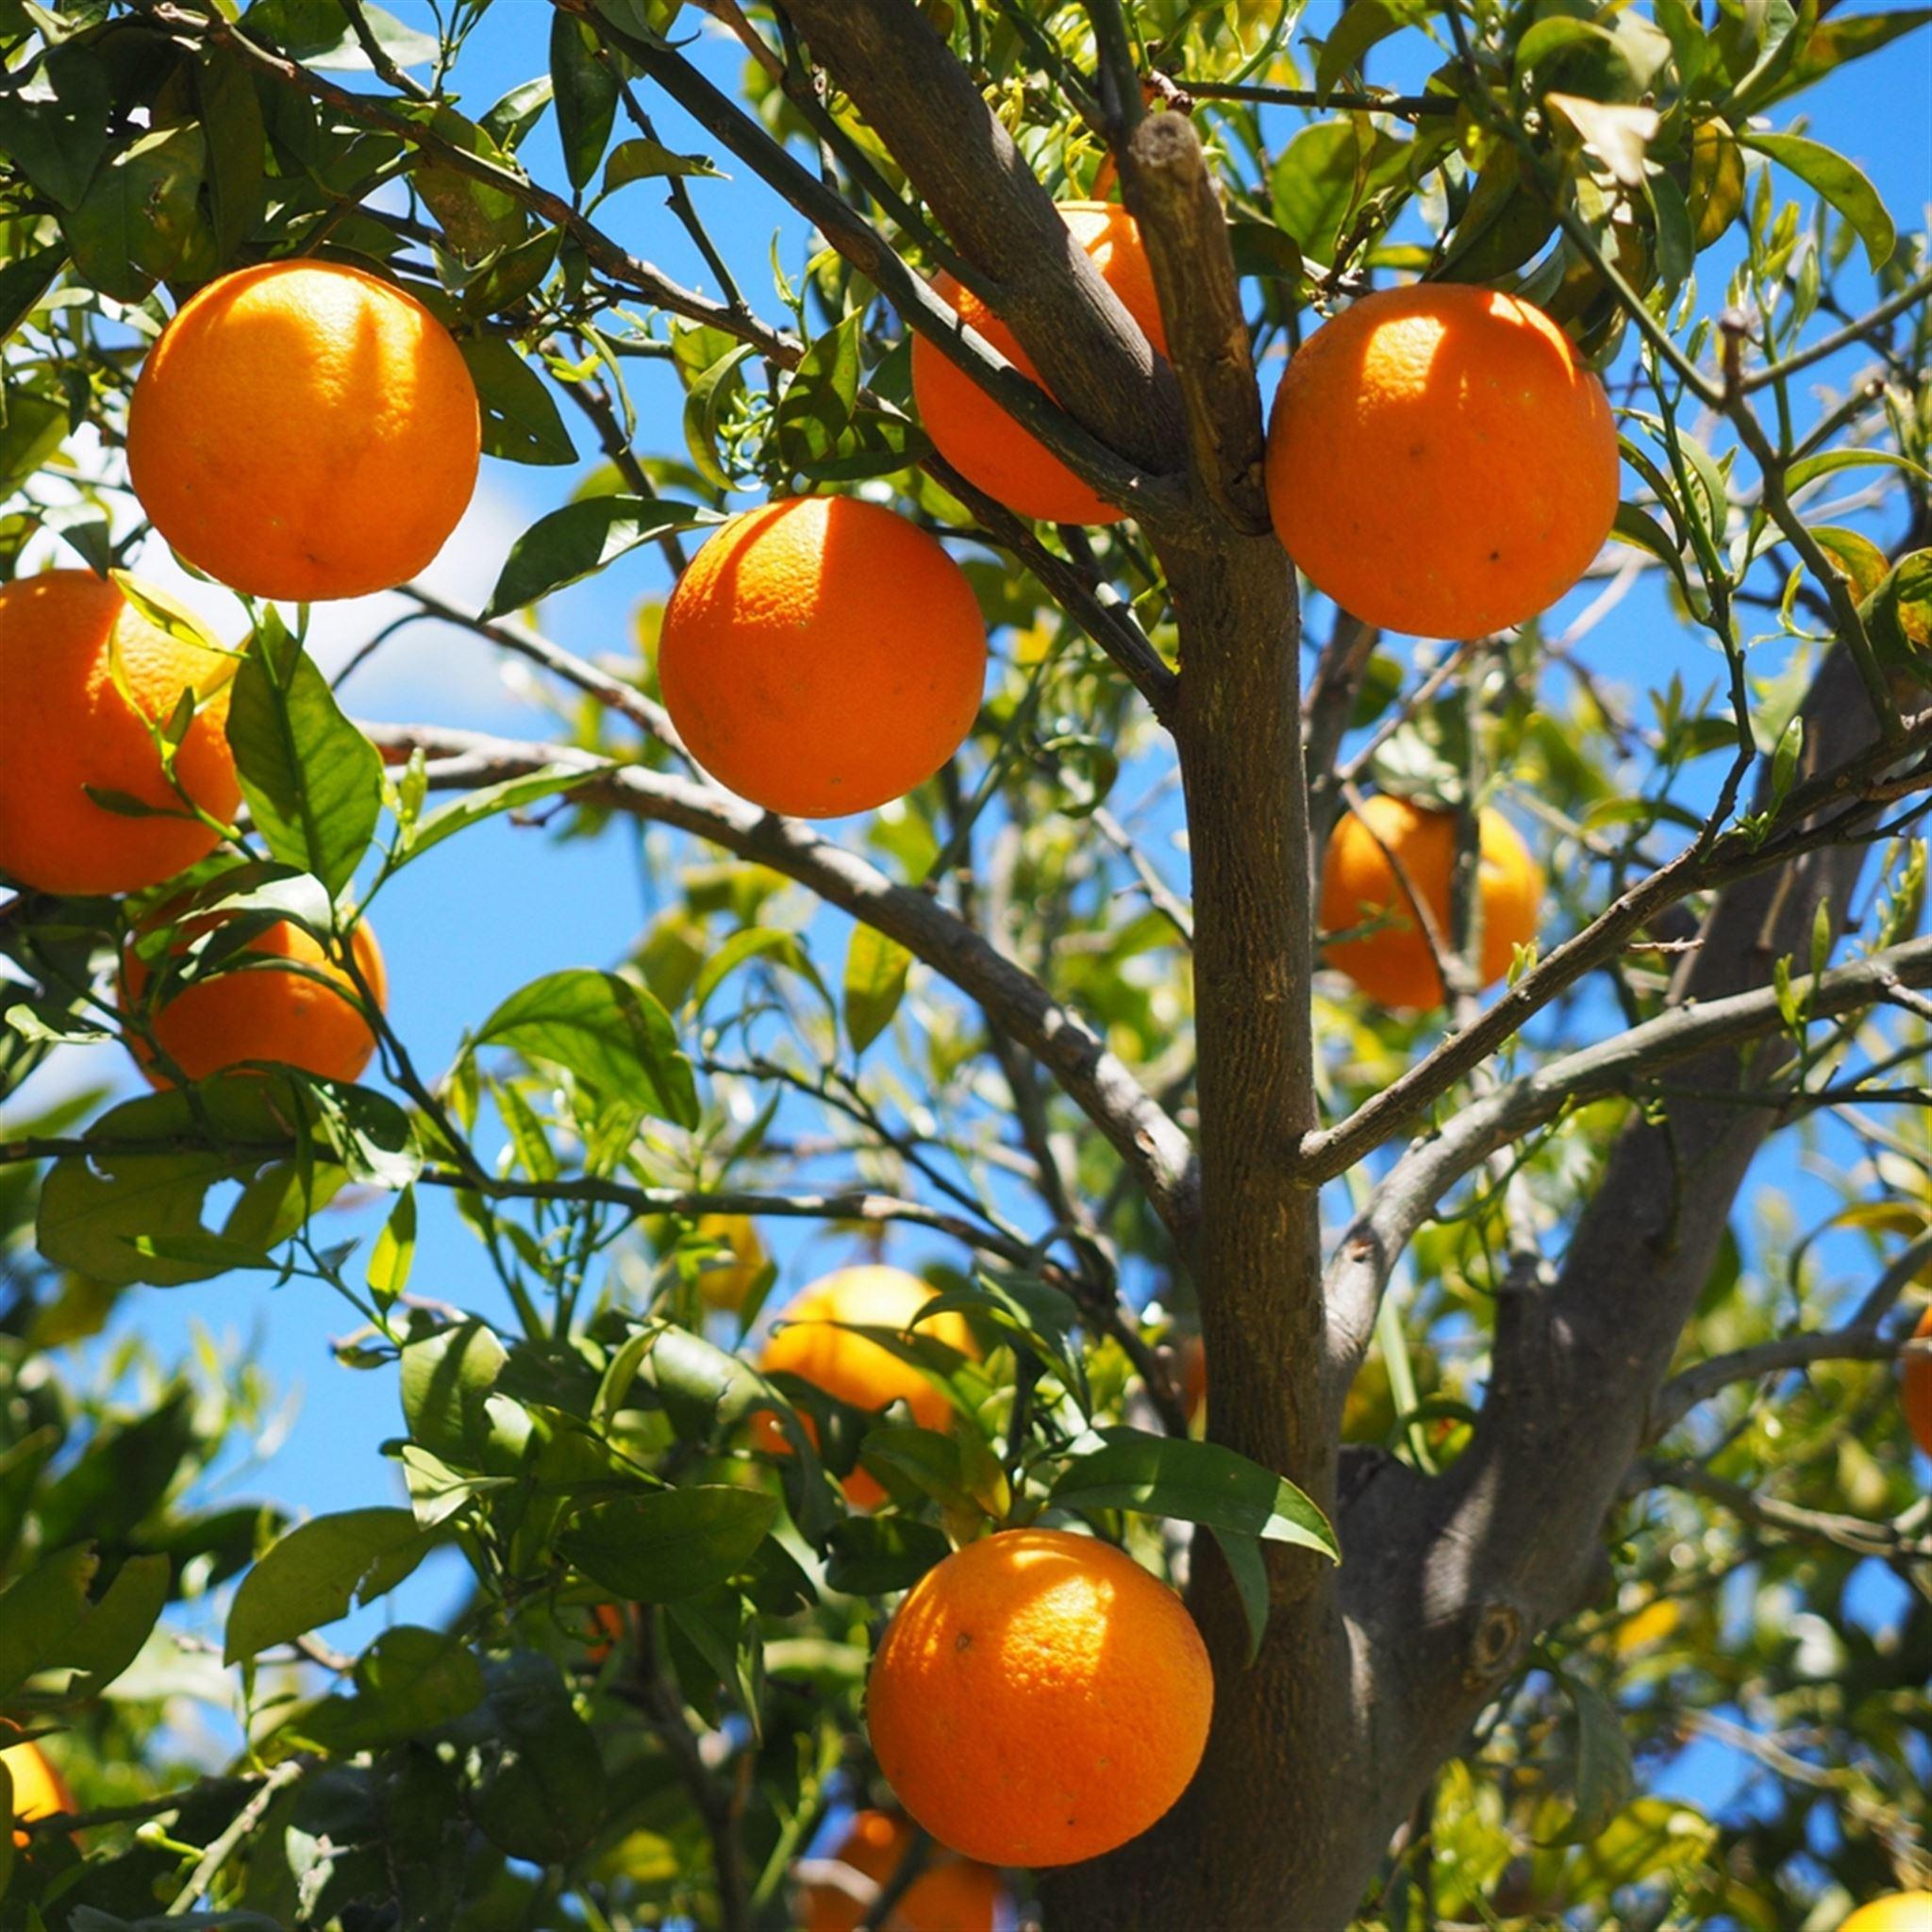 Oranges Fruit Orange Tree Citrus iPad wallpaper